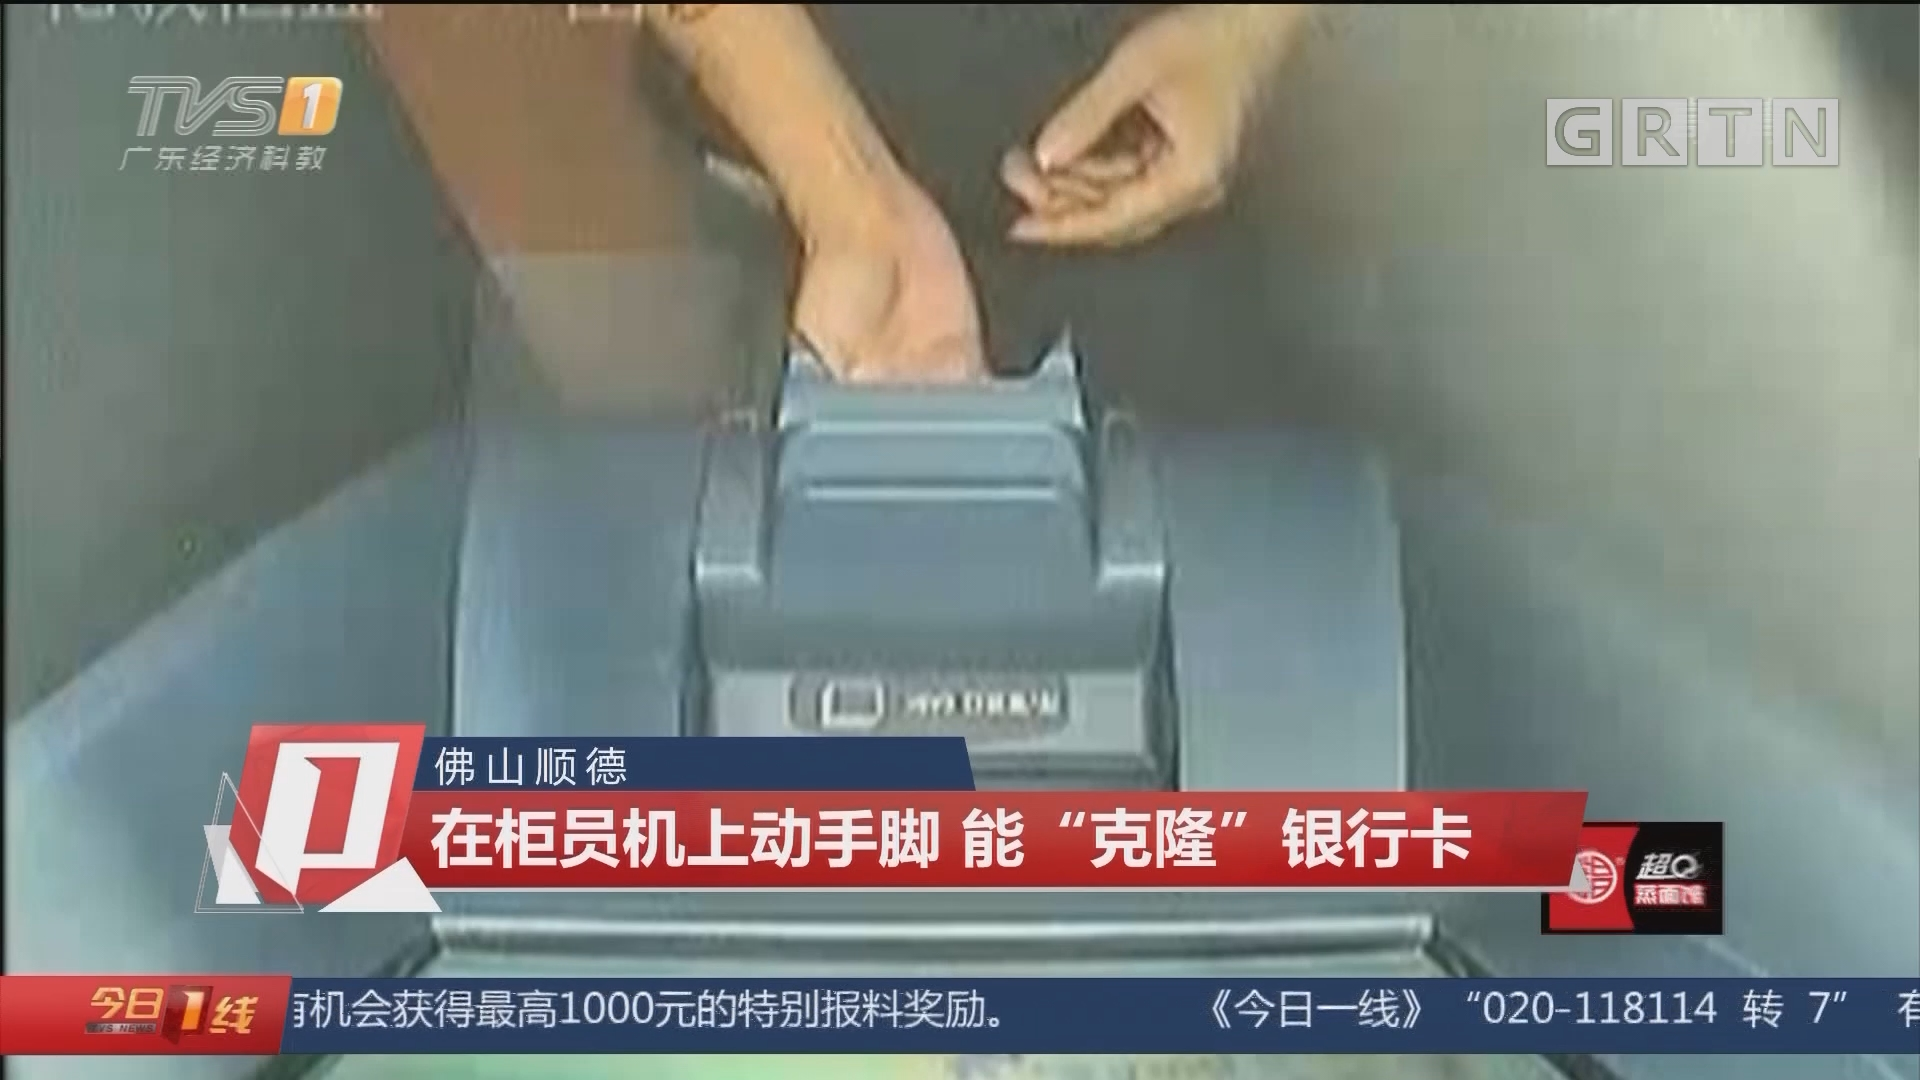 """佛山顺德:在柜员机上动手脚 能""""克隆""""银行卡"""